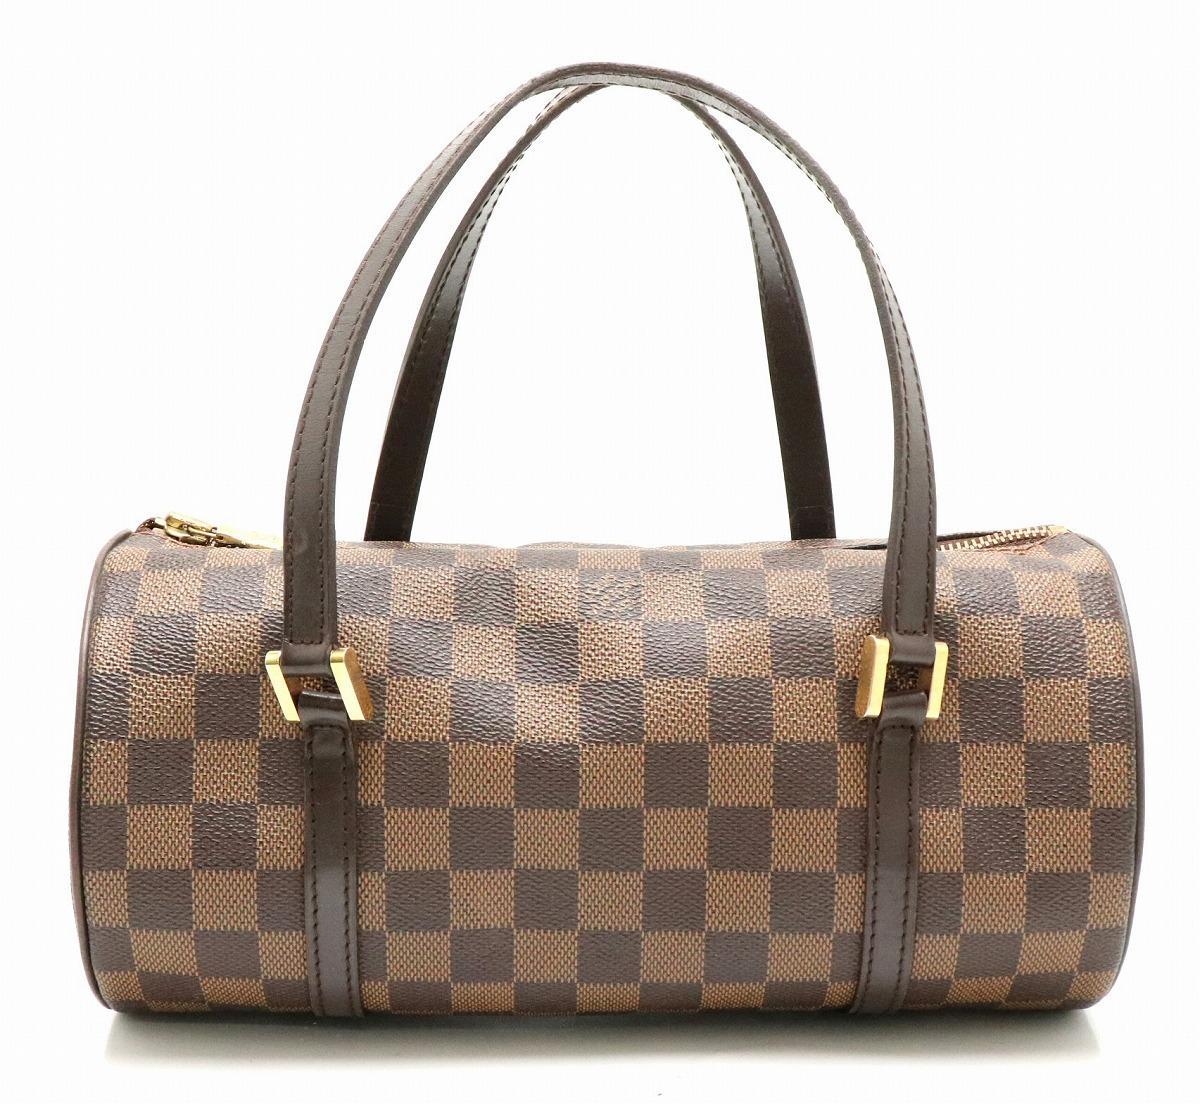 【バッグ】LOUIS VUITTON ルイ ヴィトン ダミエ パピヨンPM パピヨン26 ハンドバッグ 筒型 N51304 【中古】【k】